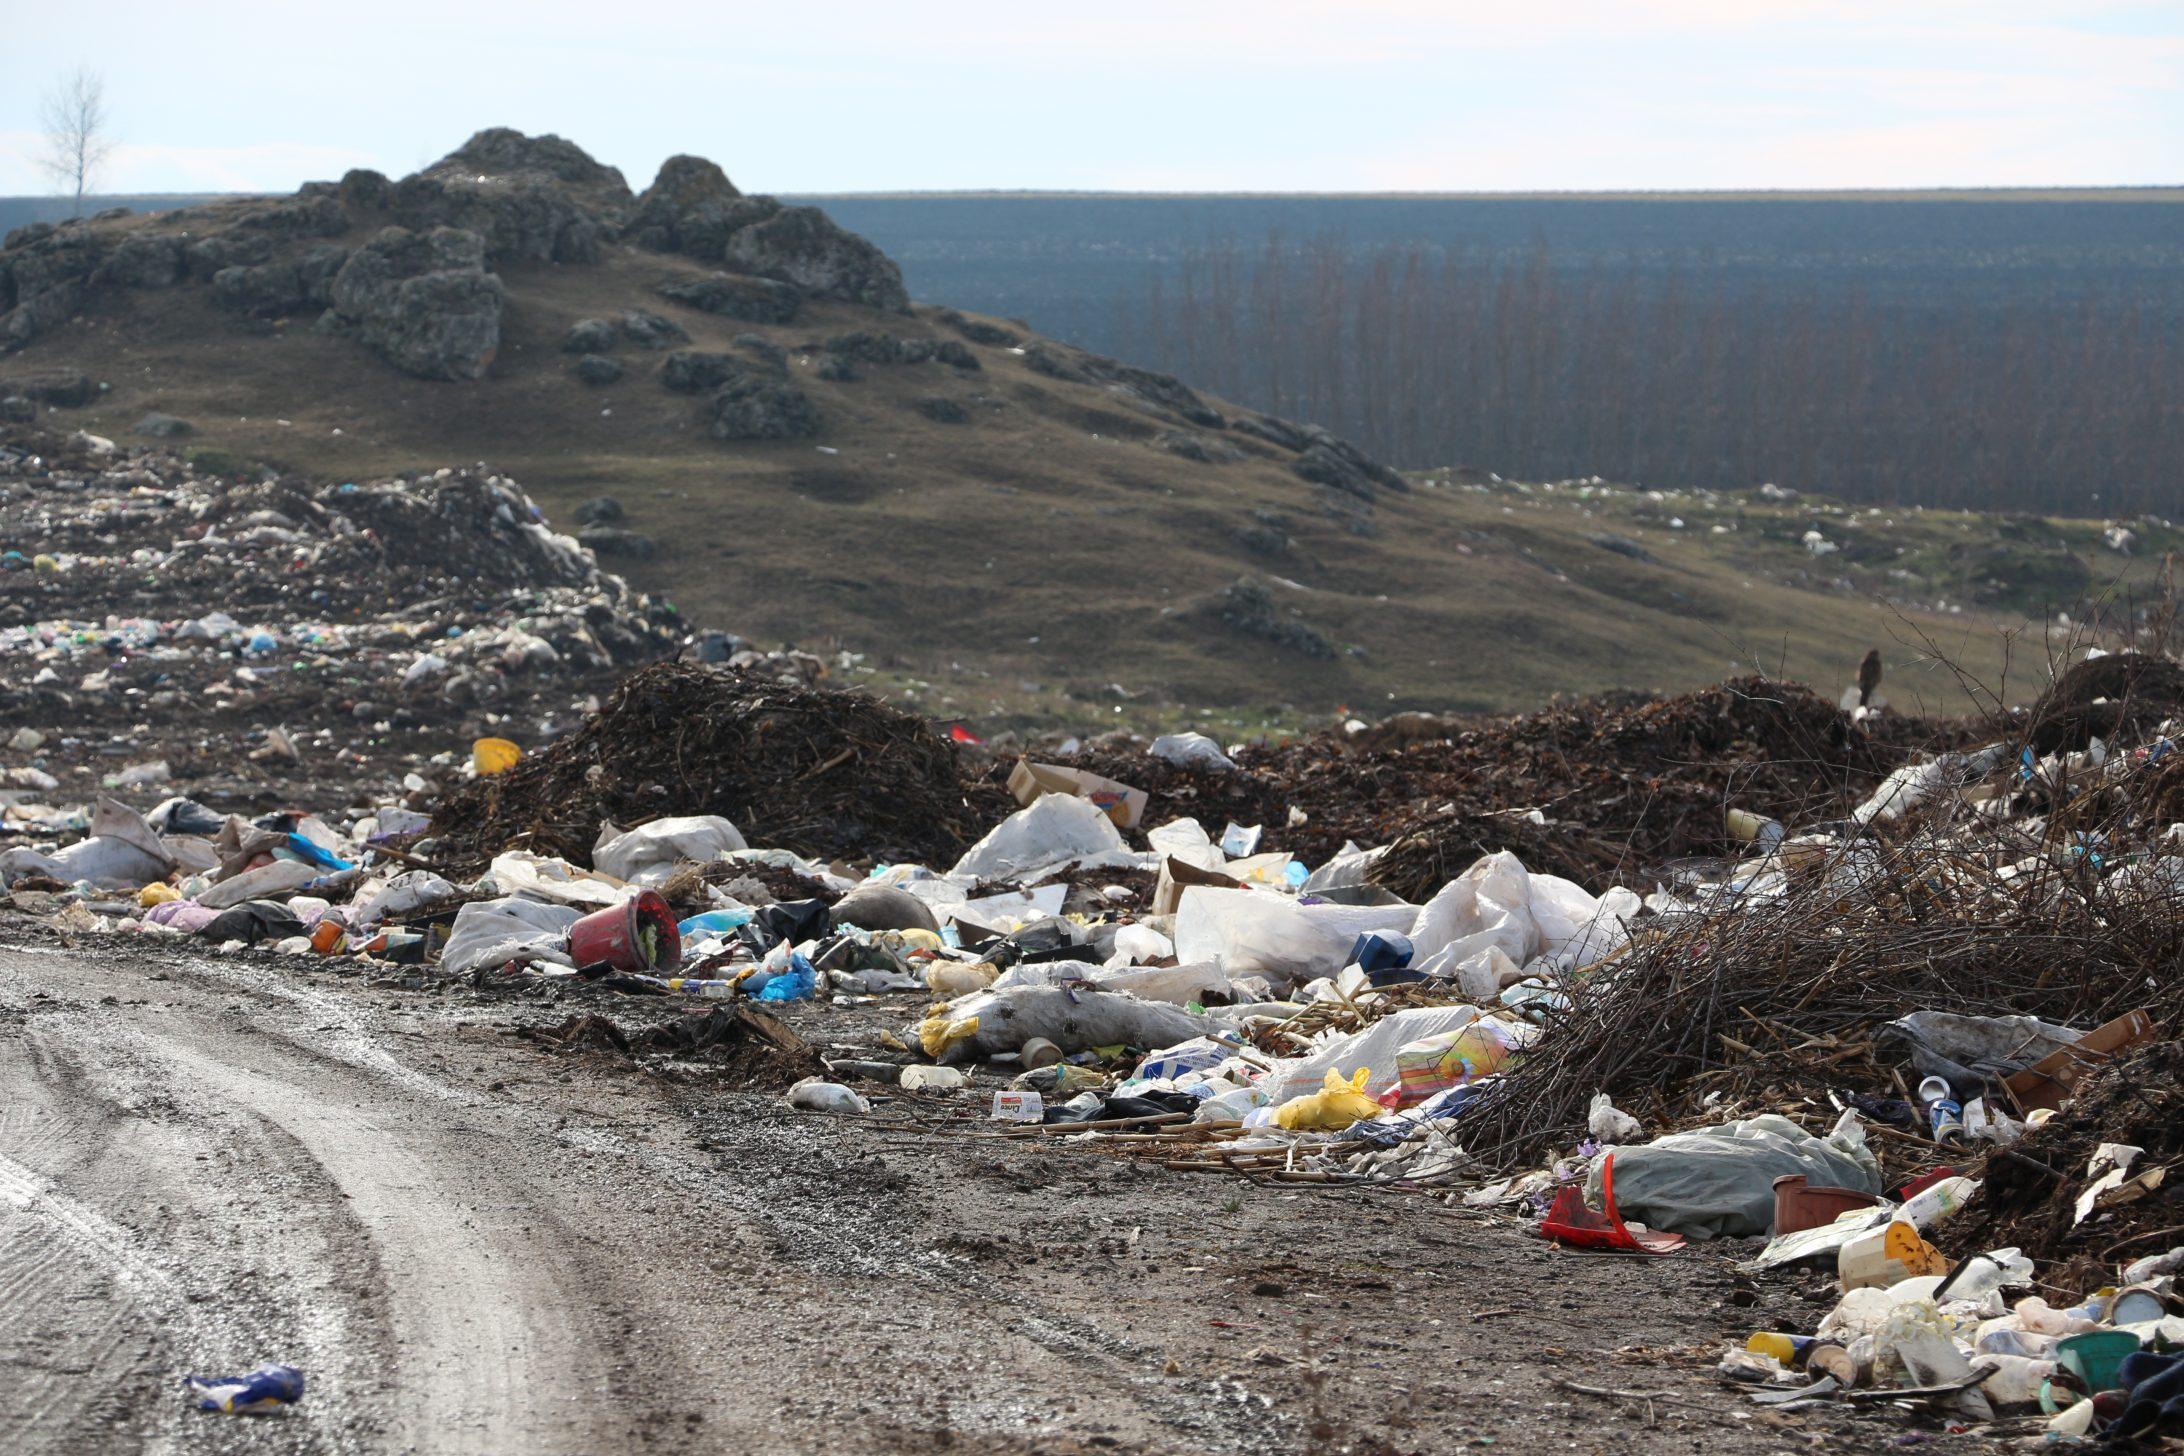 Orice poluator trebuie să plătească. Cine stabilește tariful pentru colectarea deșeurilor și ce include acesta